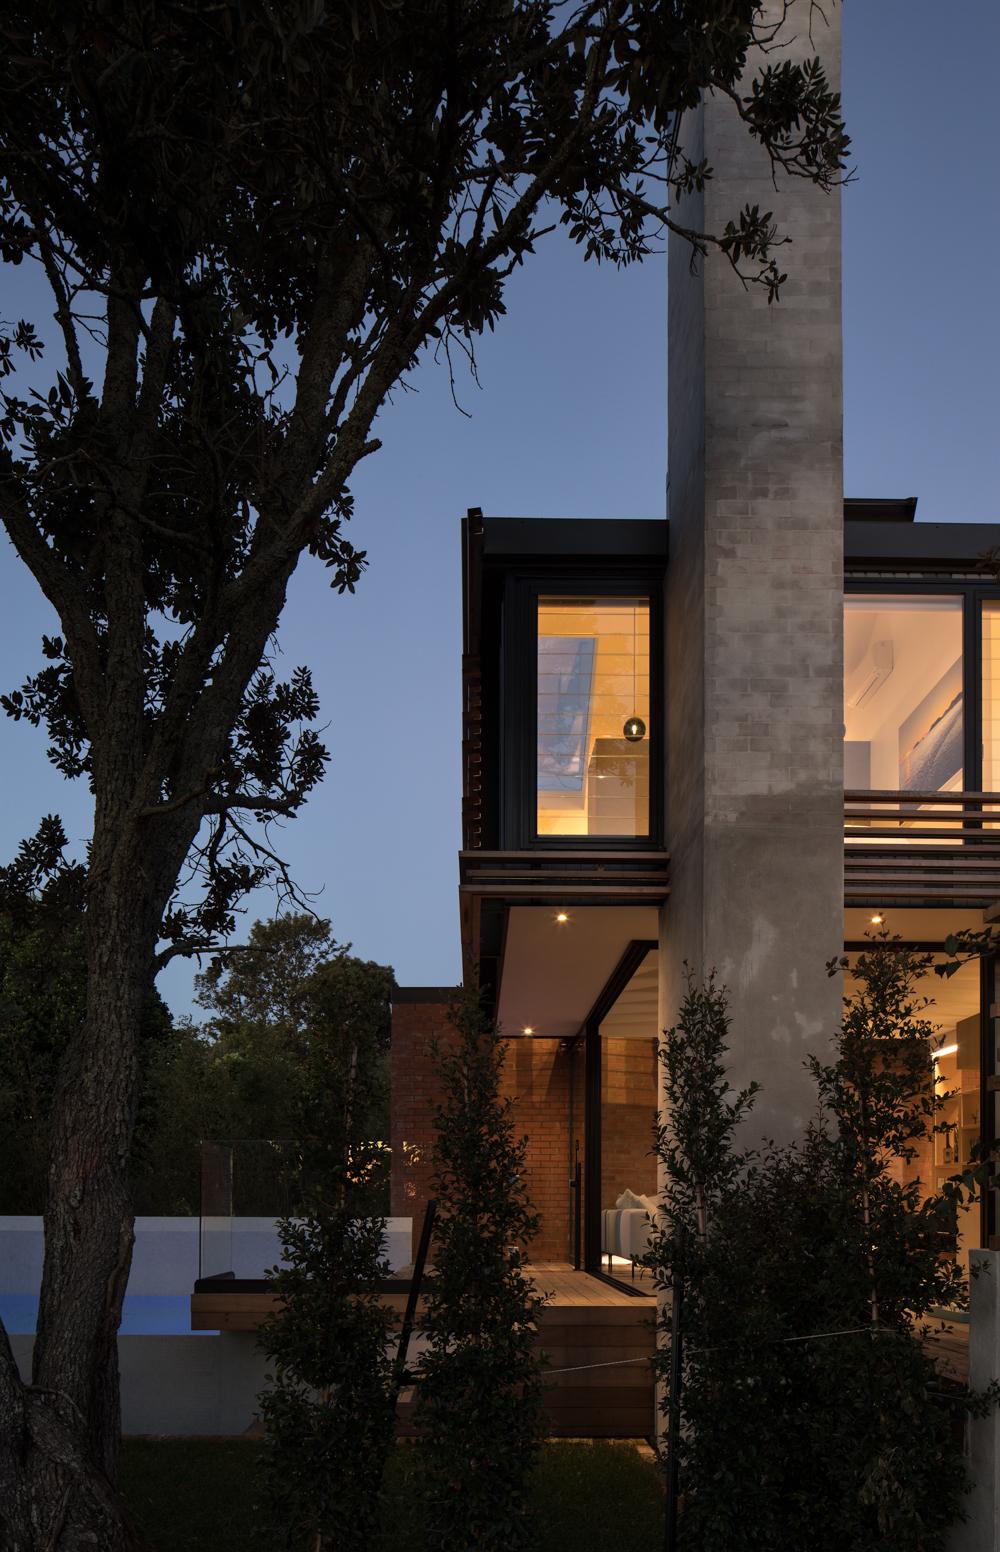 tree-villa-matter-the-design-emotive-13.jpg